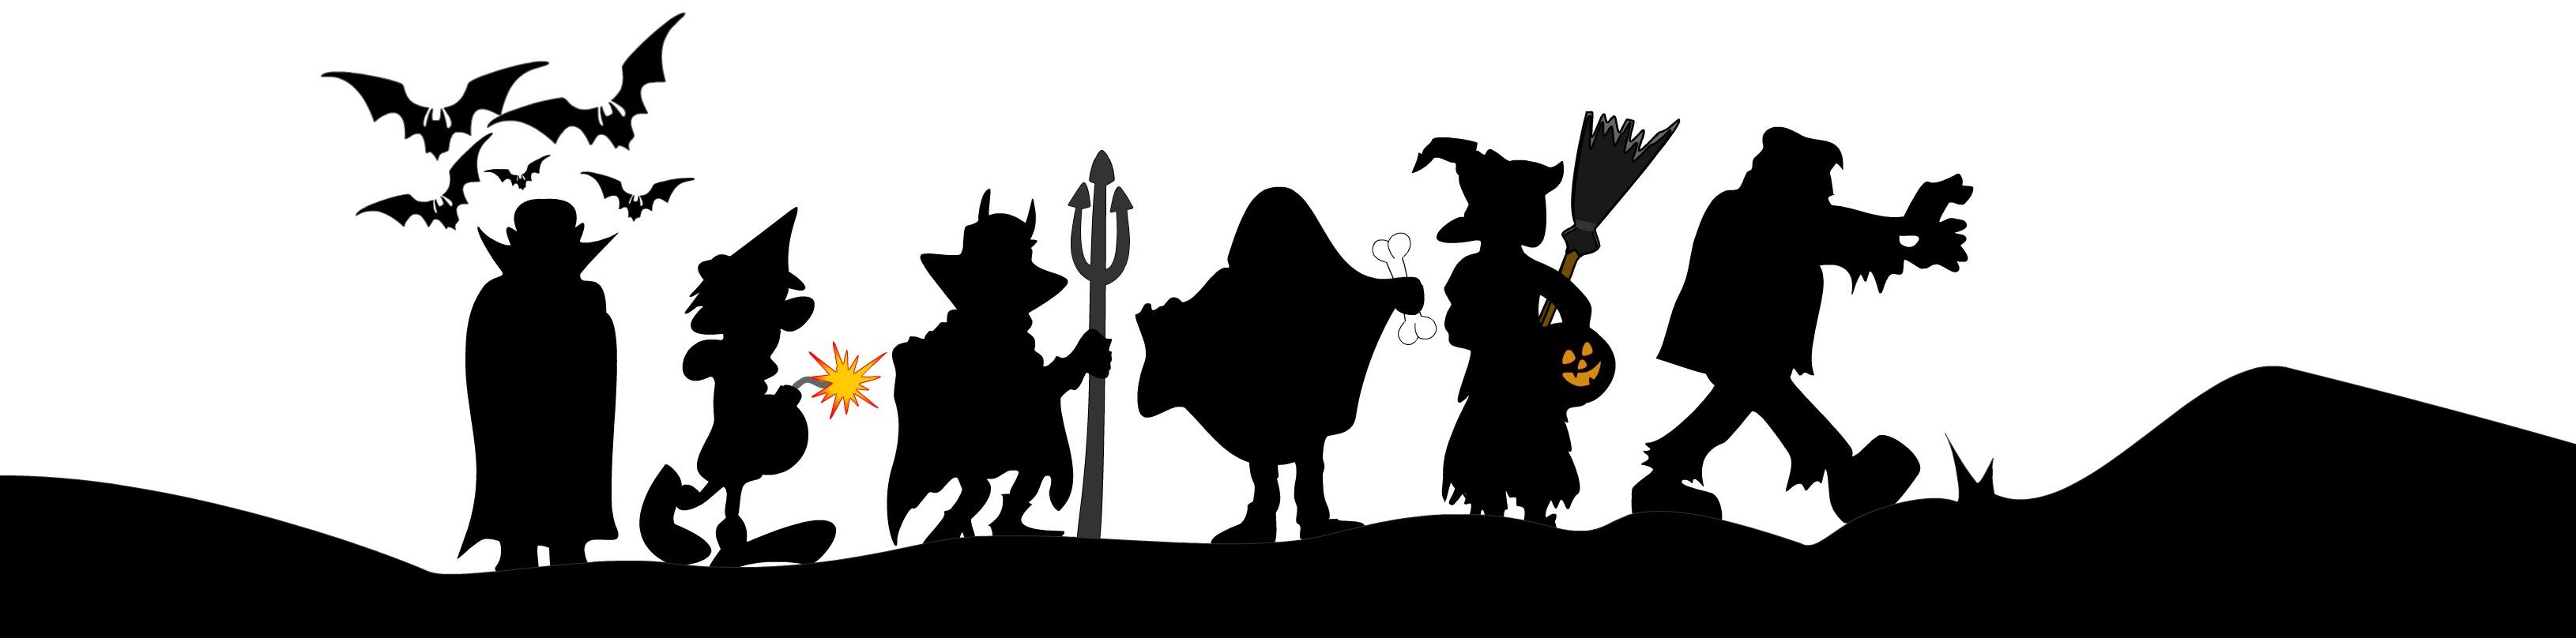 dl-navigator распродажа туров halloween